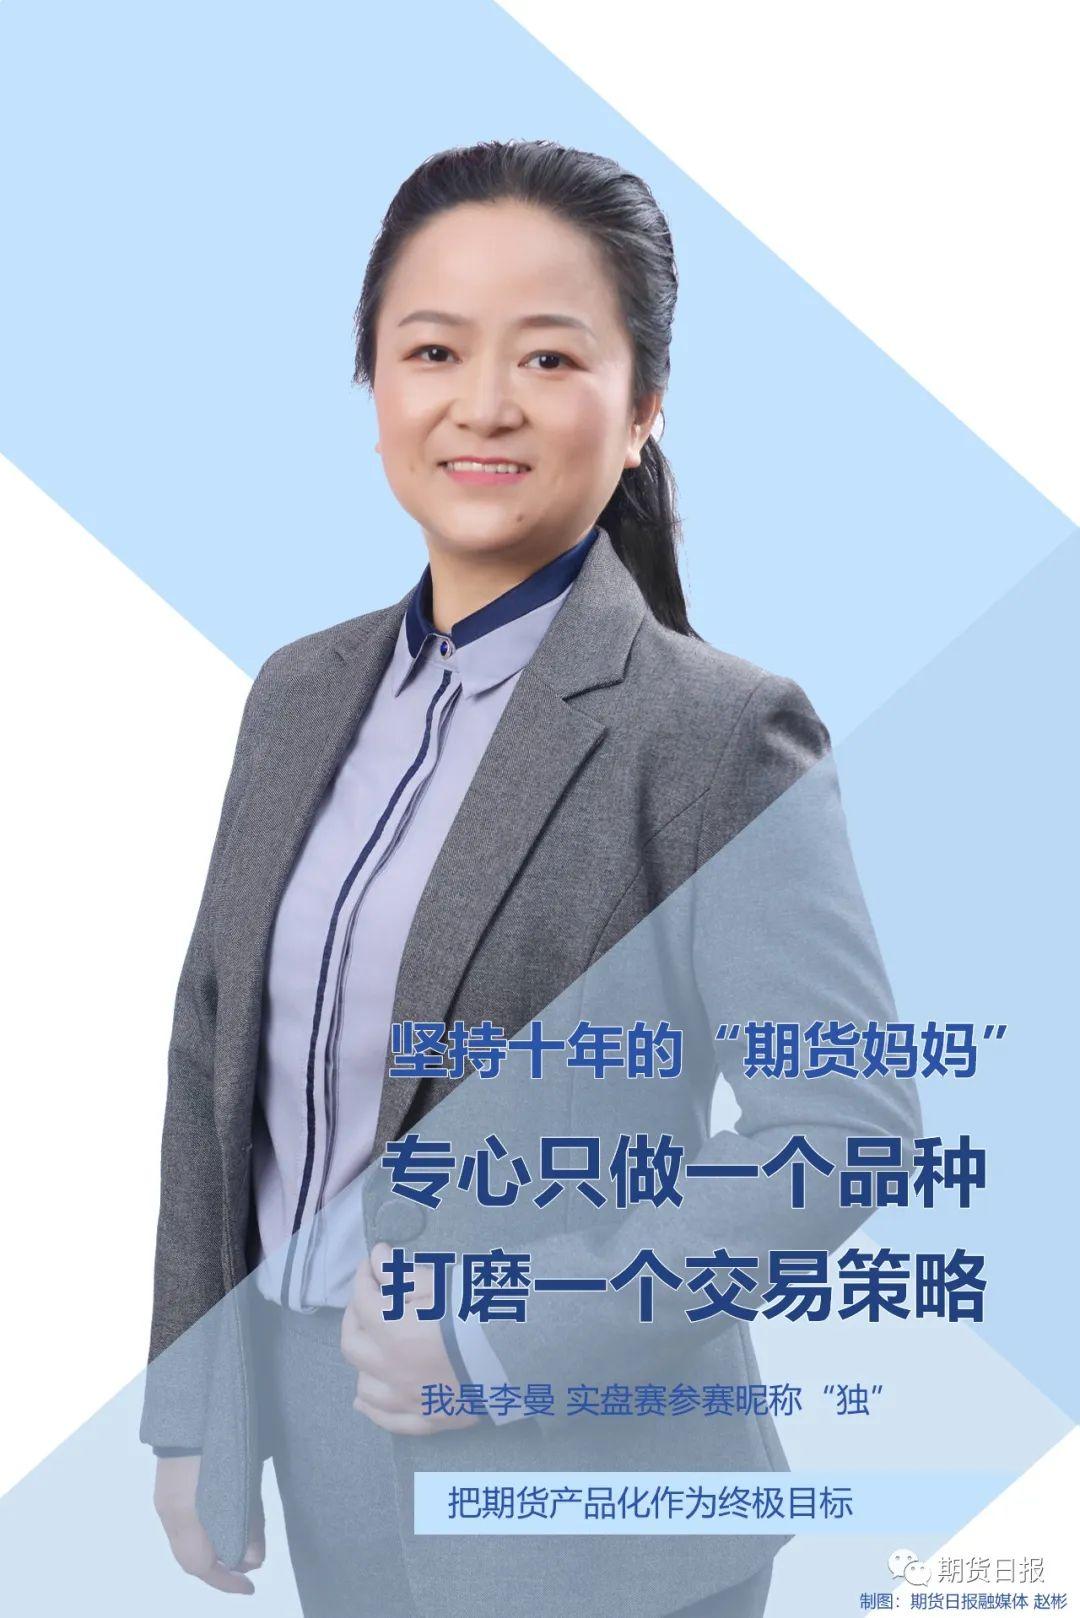 http://www.k2summit.cn/qichexiaofei/2481092.html